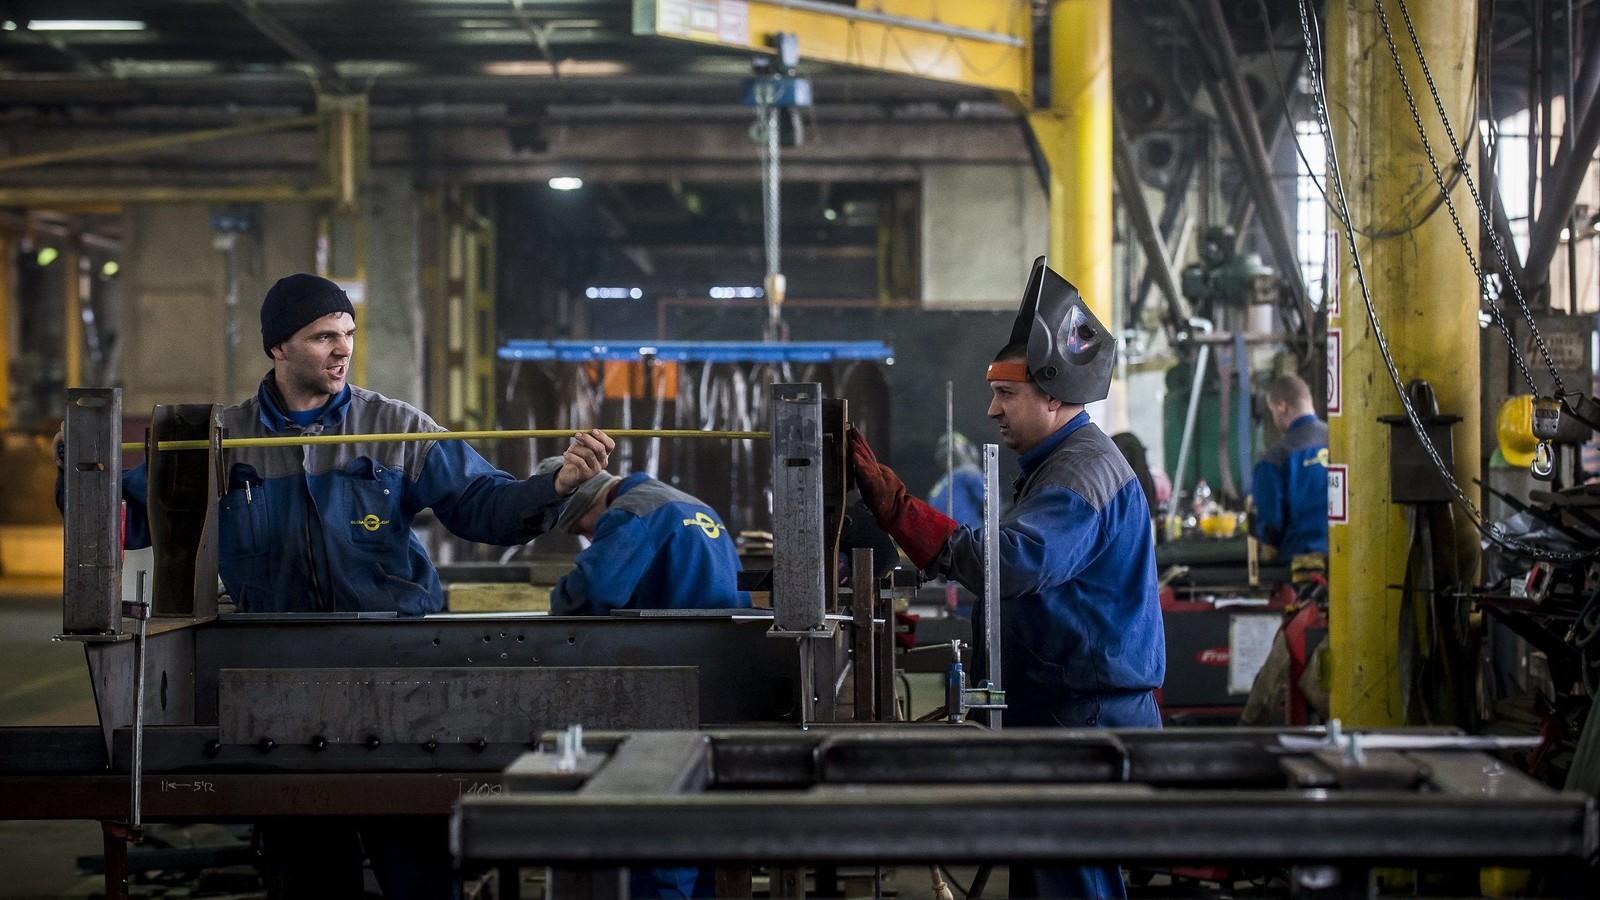 191 ezer forintot keres Csongrád-Csanád megye dolgozó embere